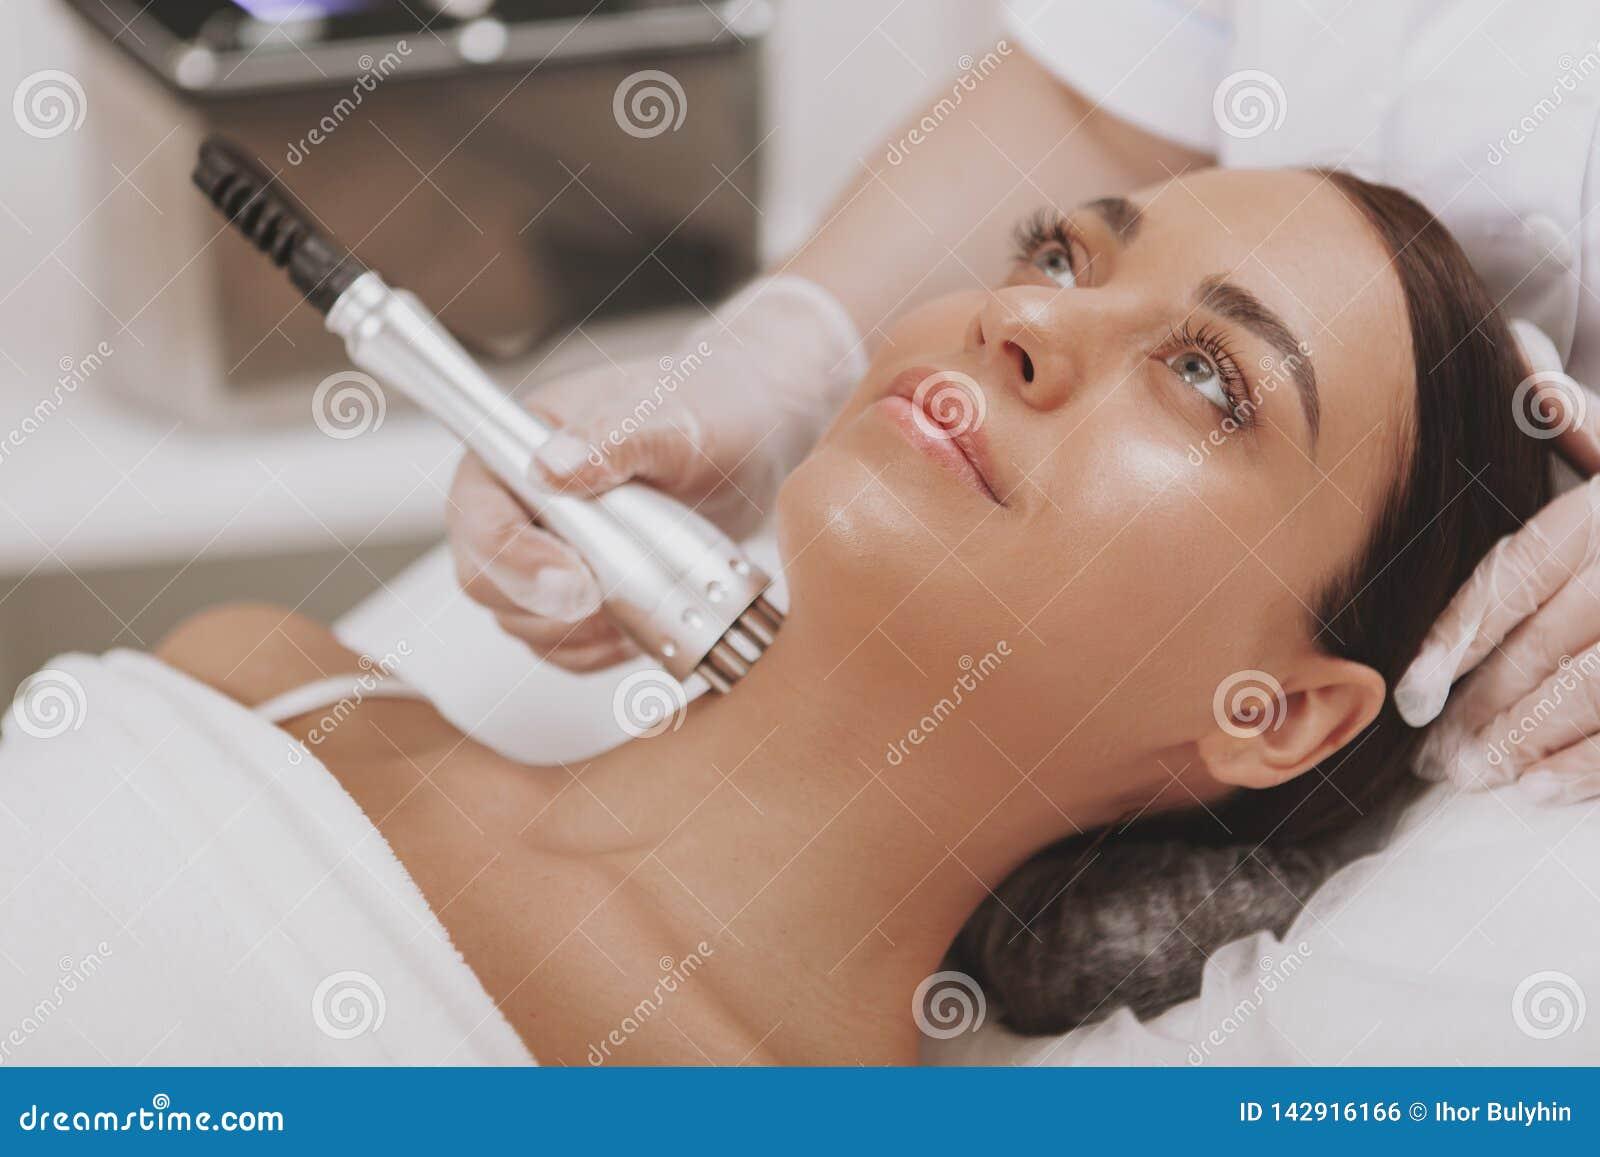 Cosmetologo di visita della giovane donna adorabile alla clinica di bellezza